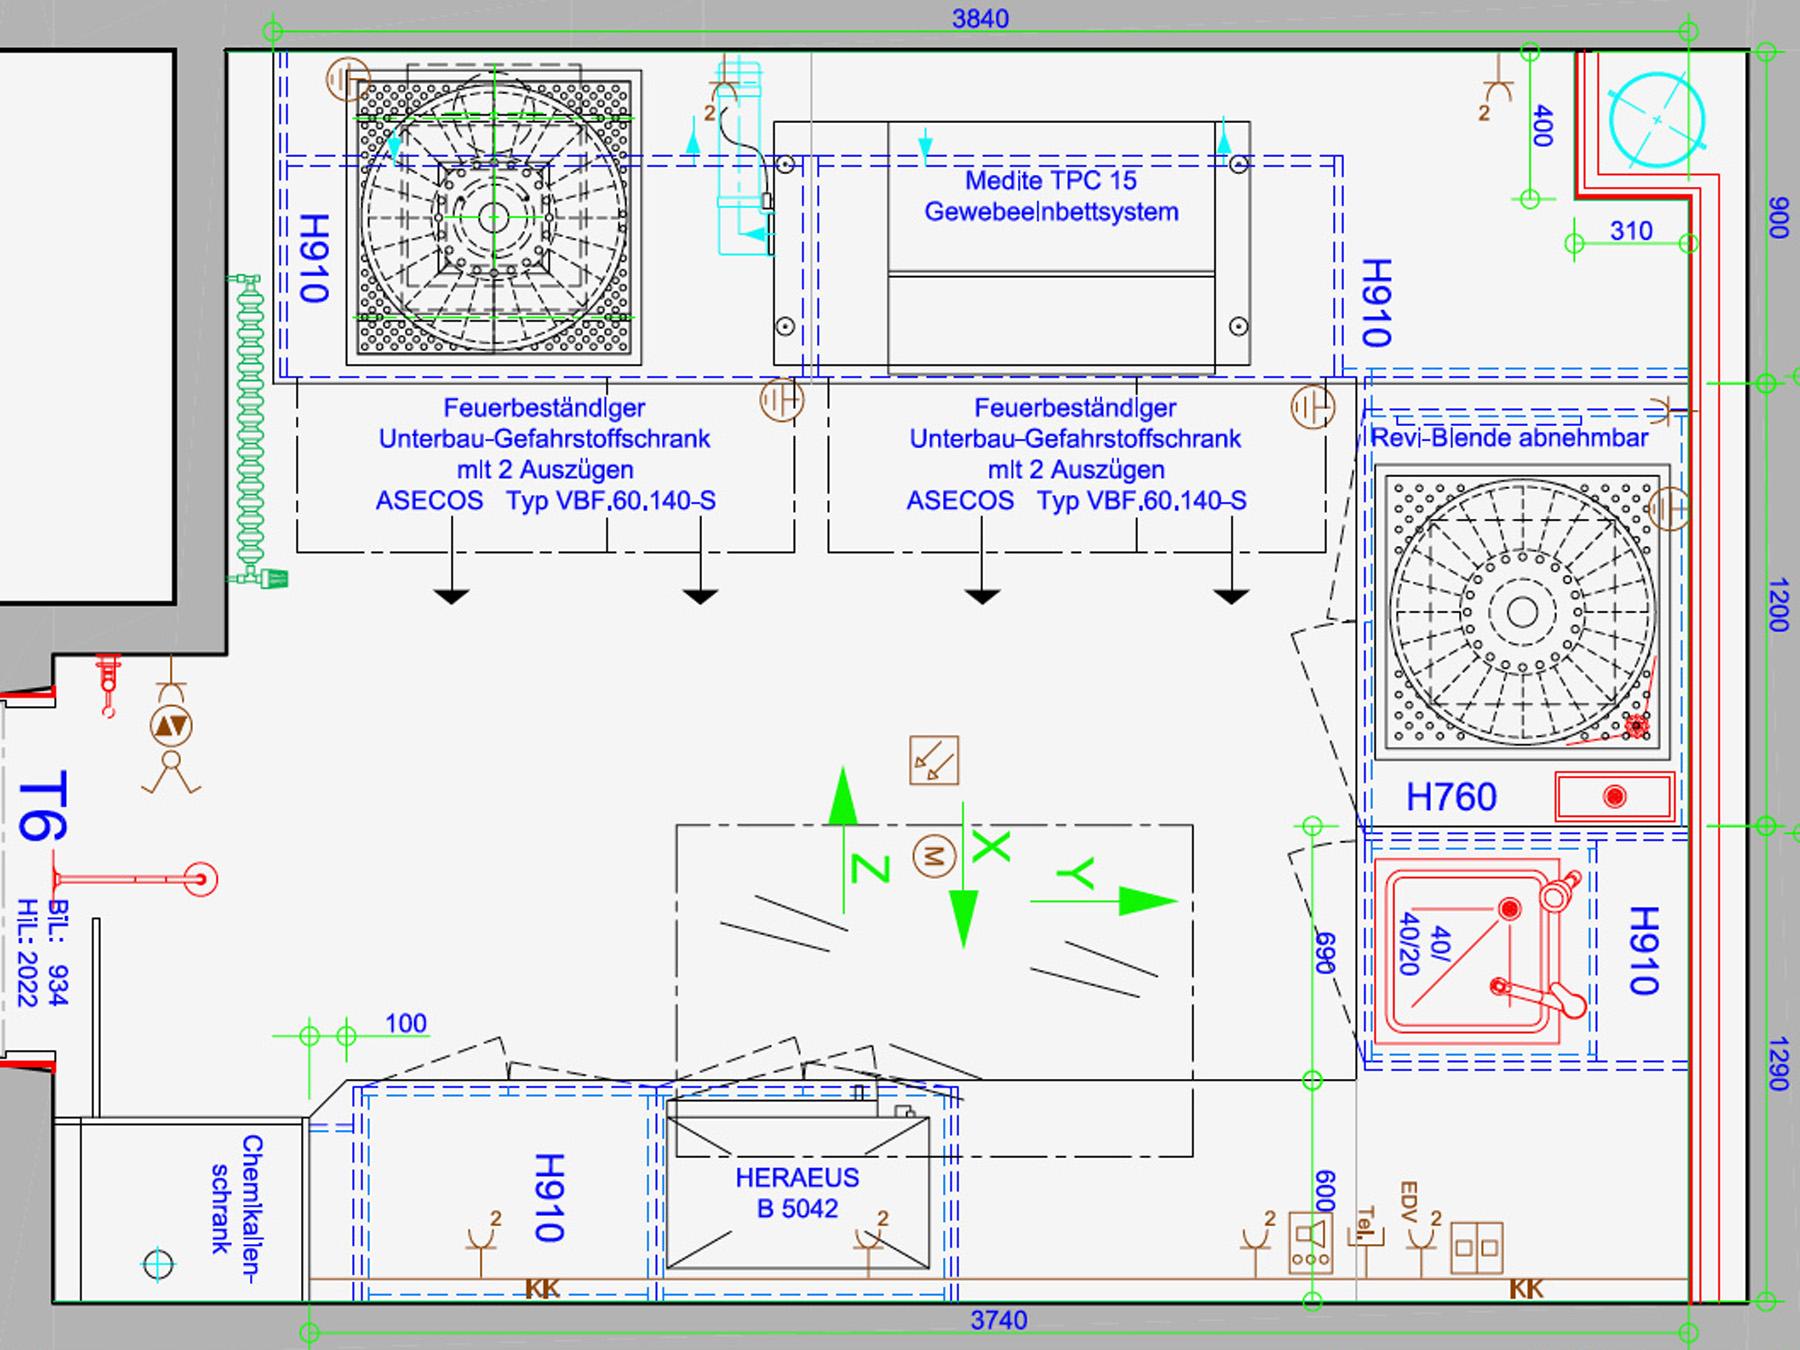 g-tec-projekt-241-05